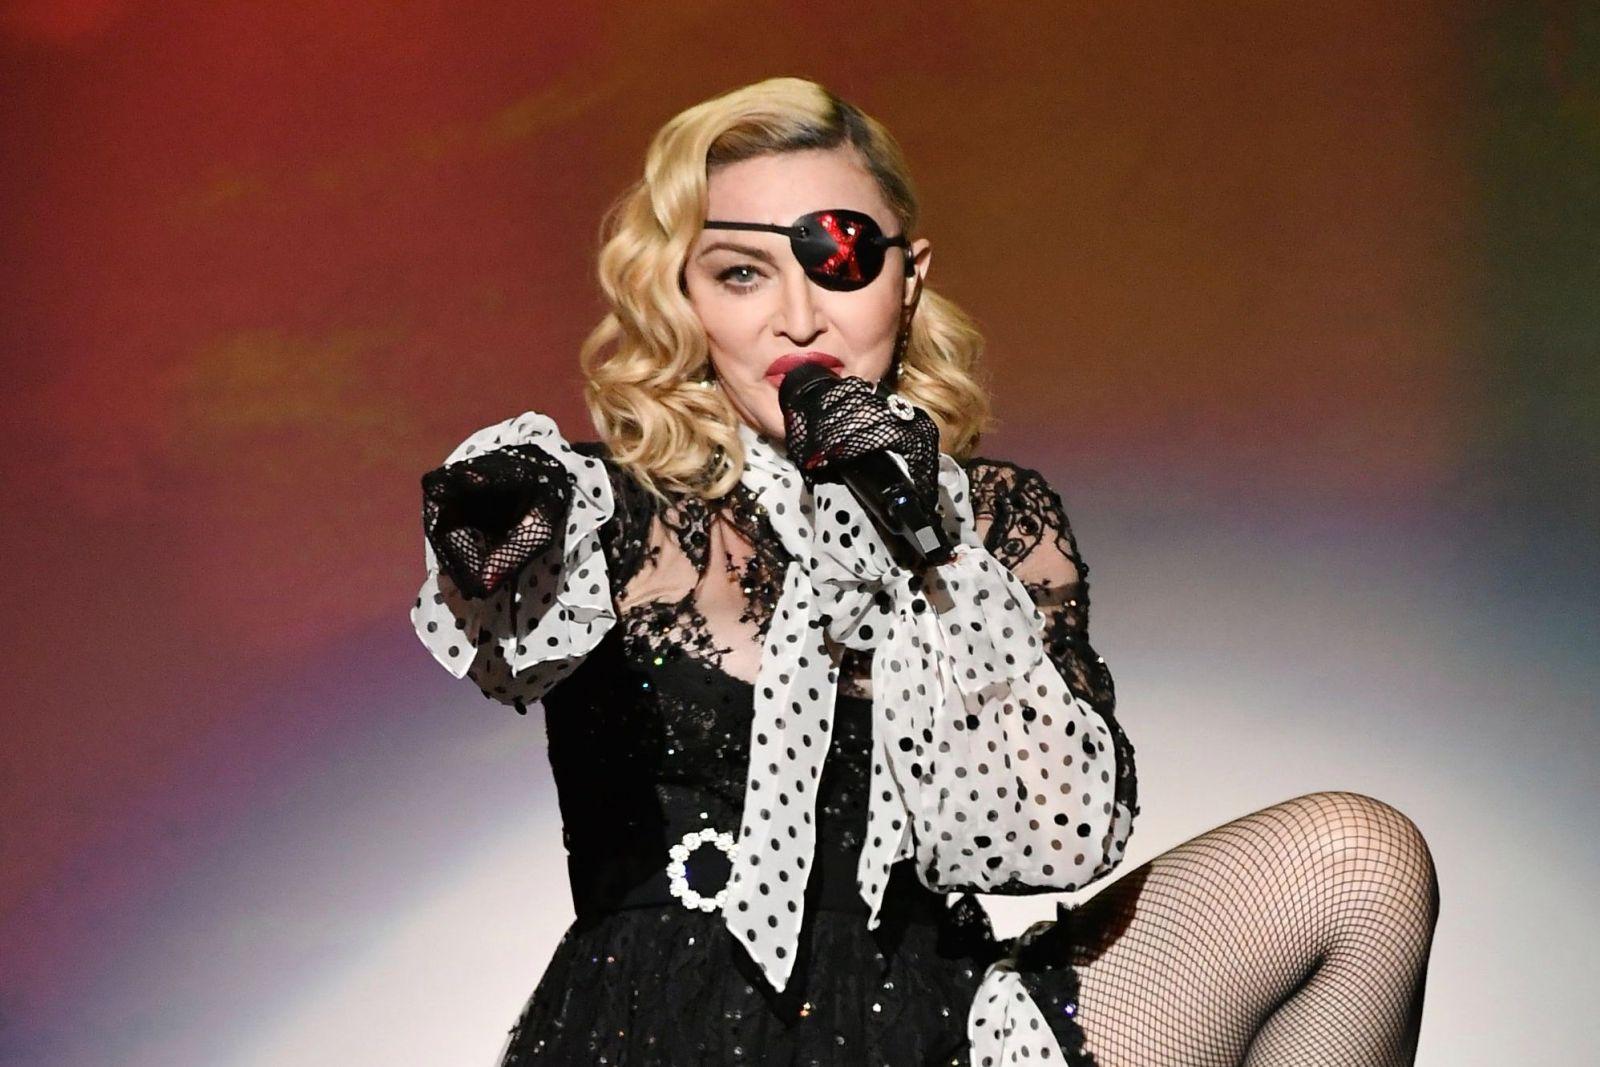 Мадонна запостила свое обнаженное селфи с костылем